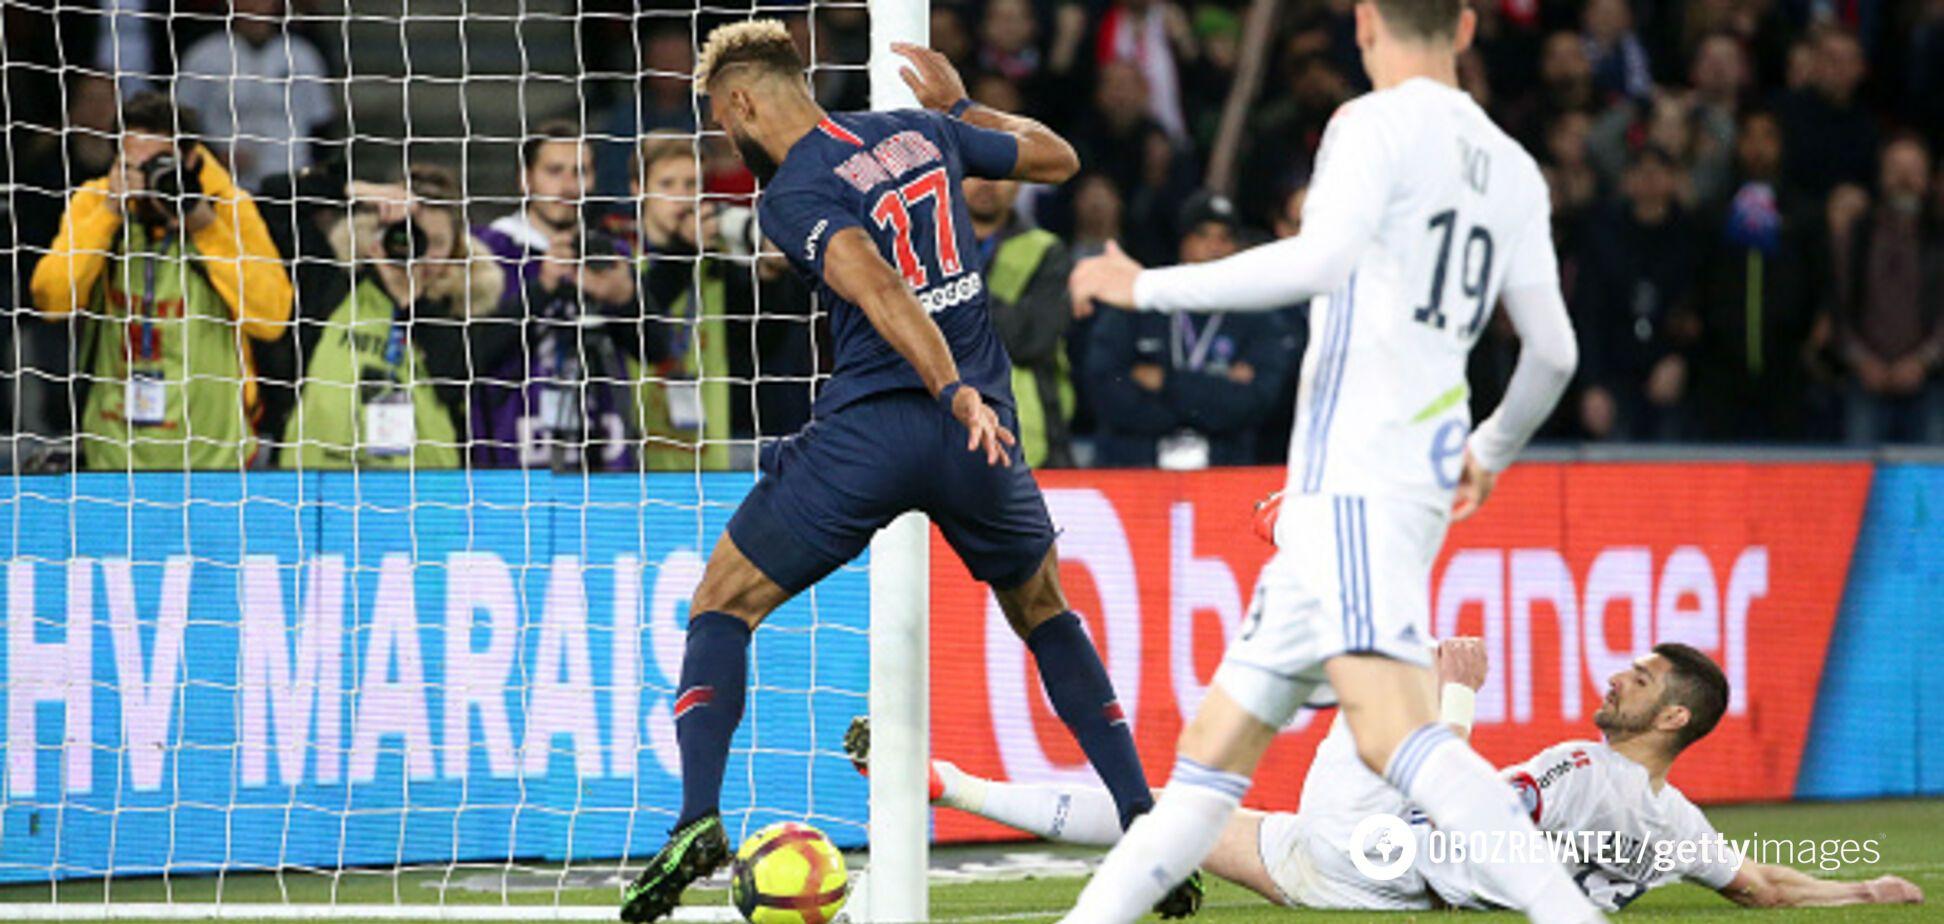 Футболист ПСЖ отметился самым диким промахом сезона: видео курьеза